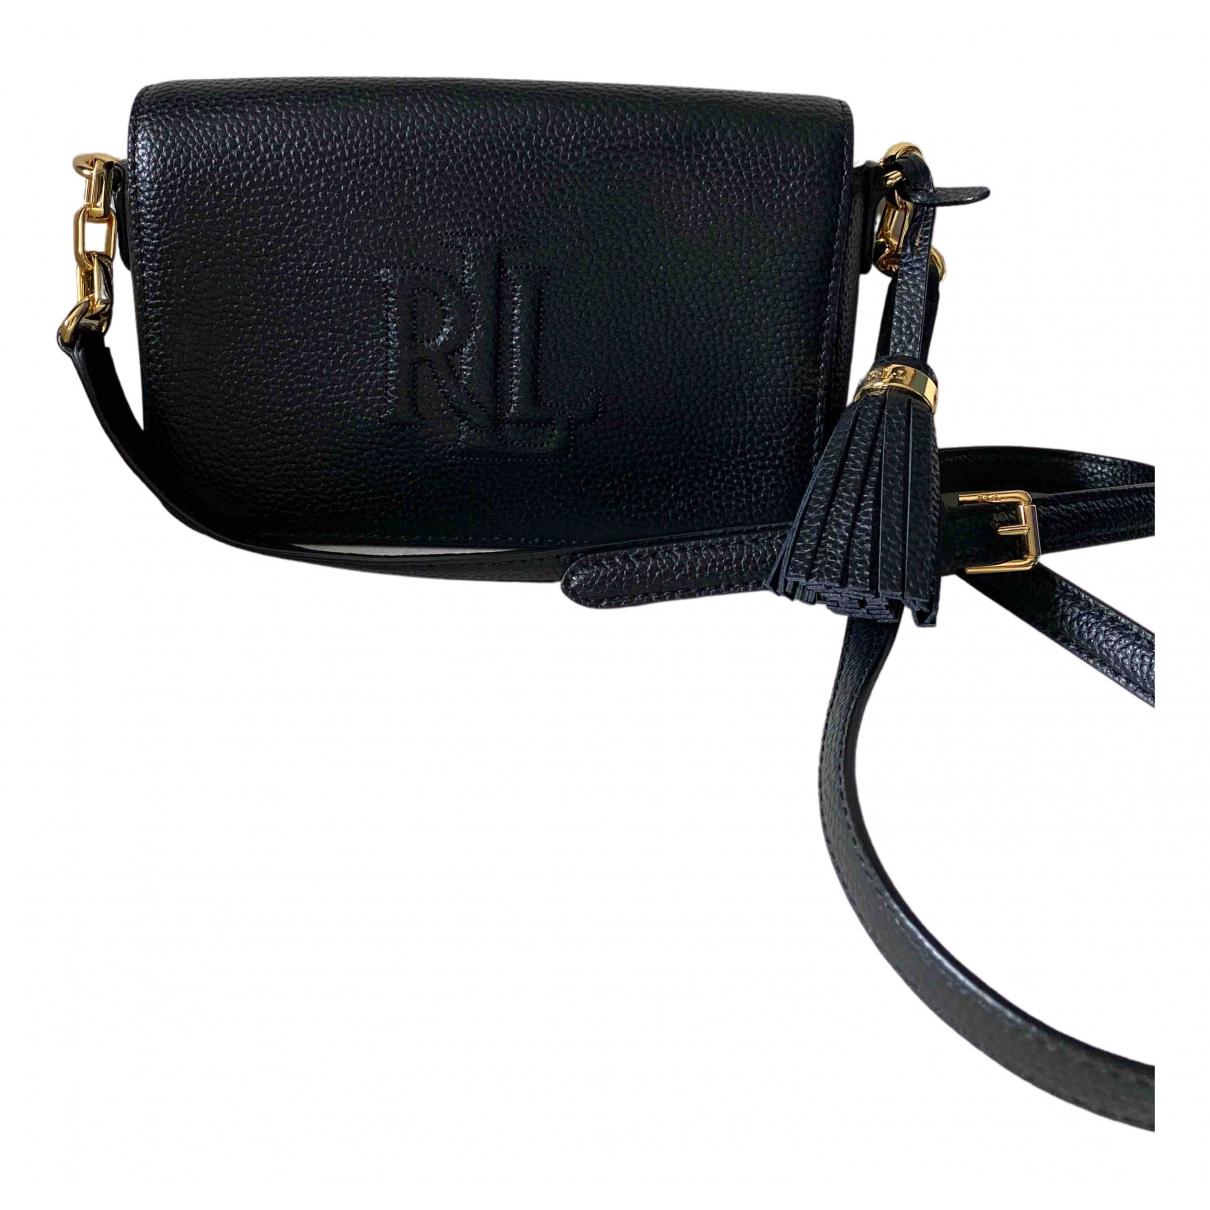 Lauren Ralph Lauren N Black Leather handbag for Women N